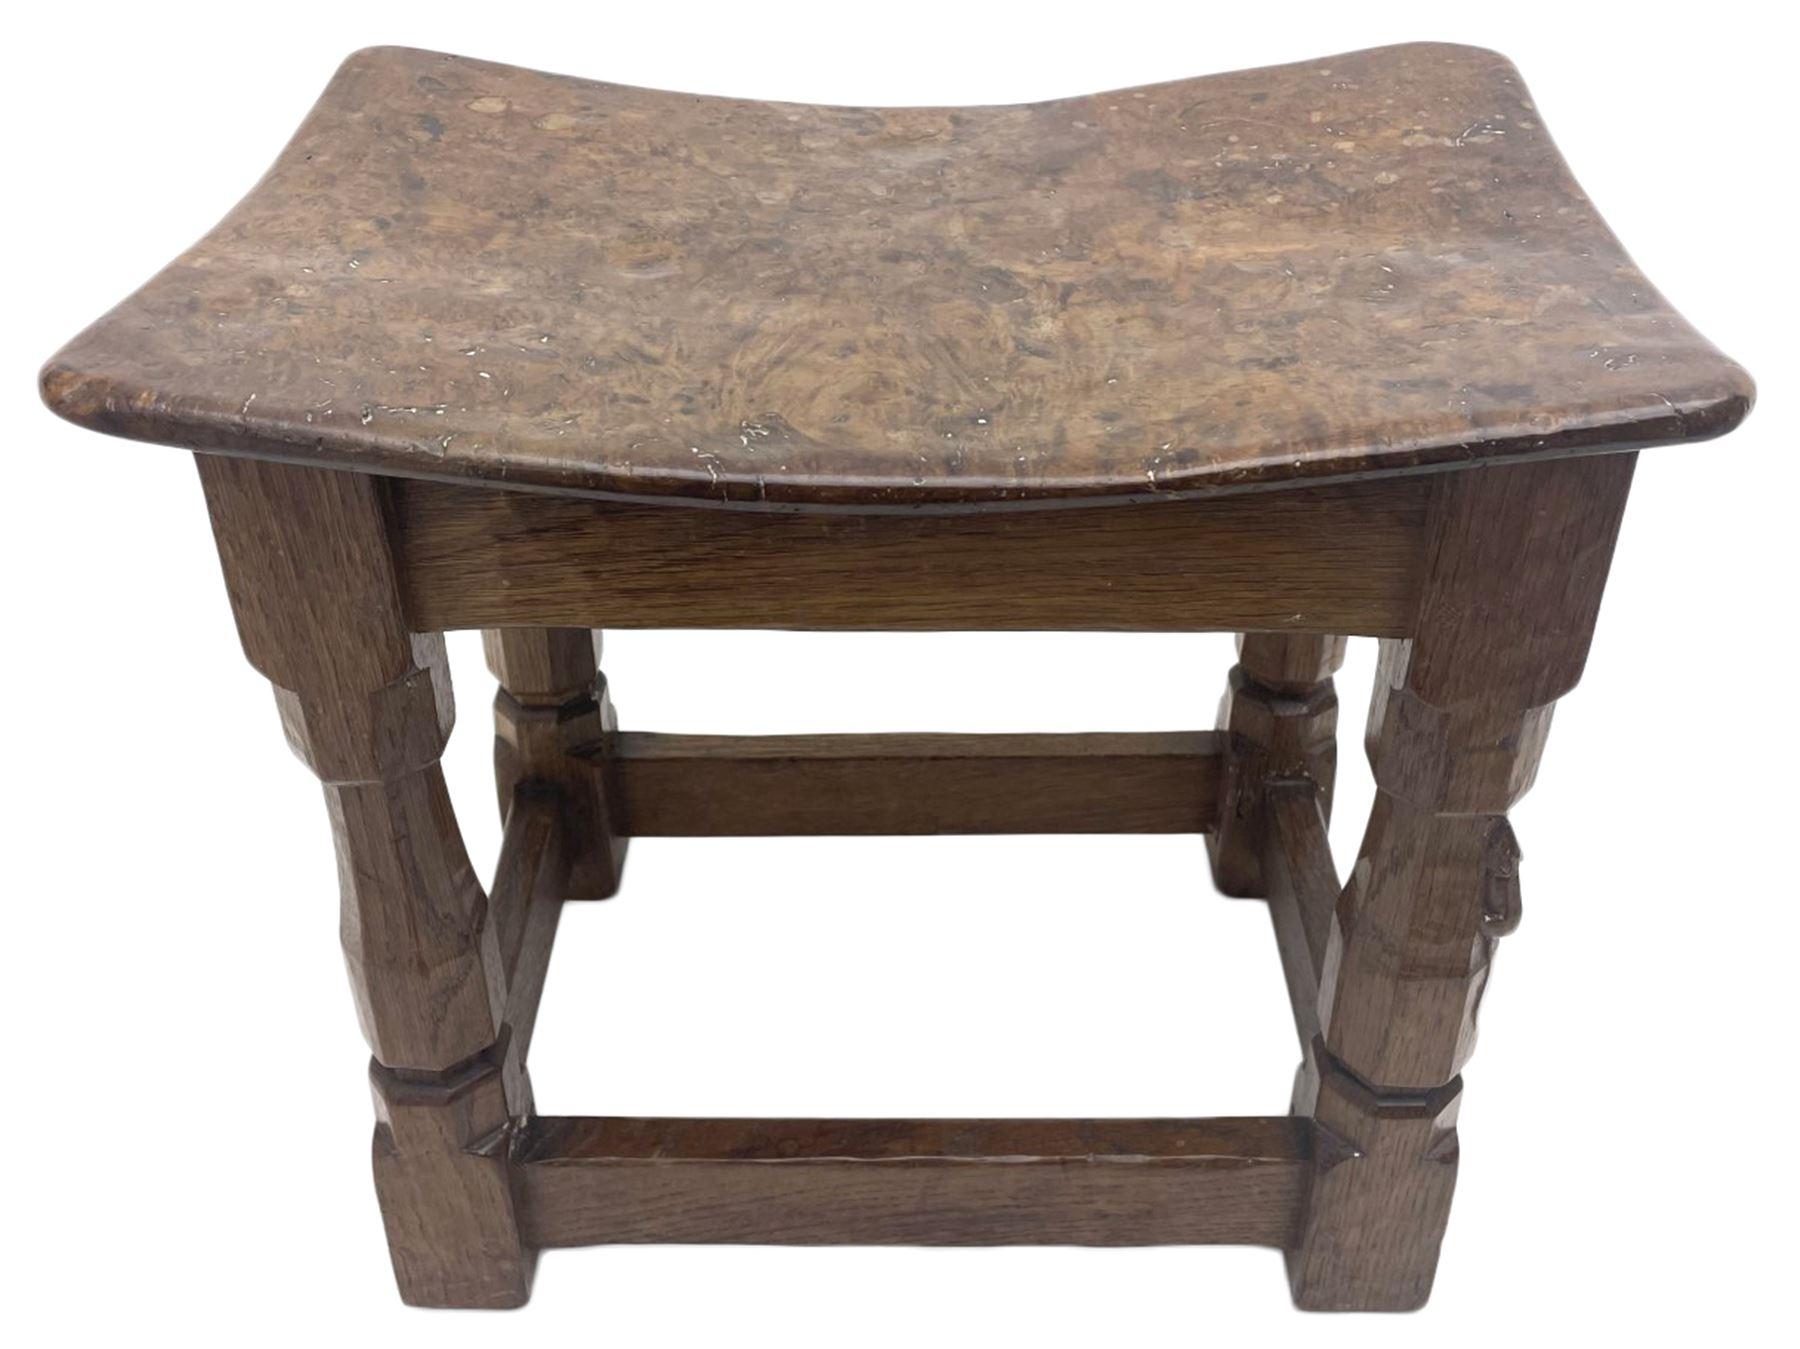 'Mouseman' 1940s adzed oak joint stool